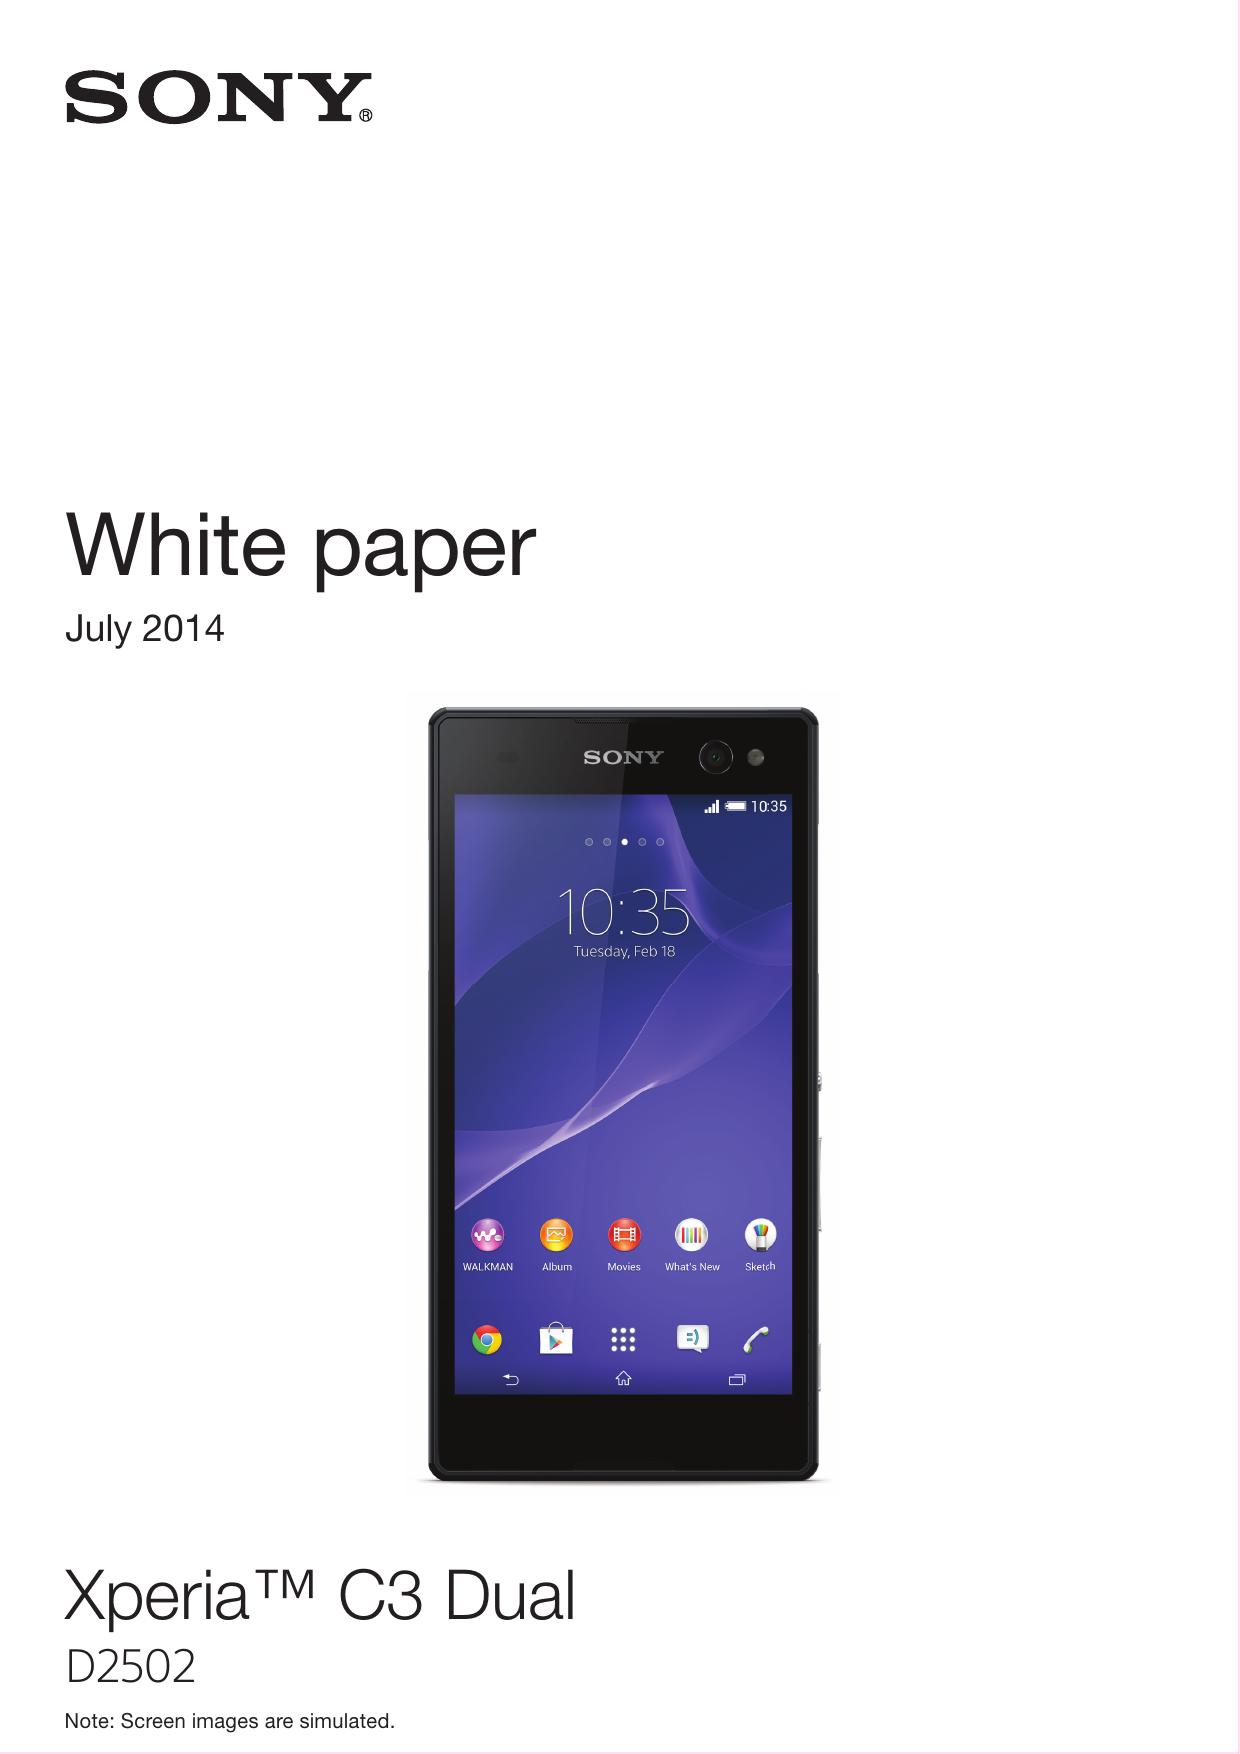 Whitepaper EN D2502 Xperia C3 Dual